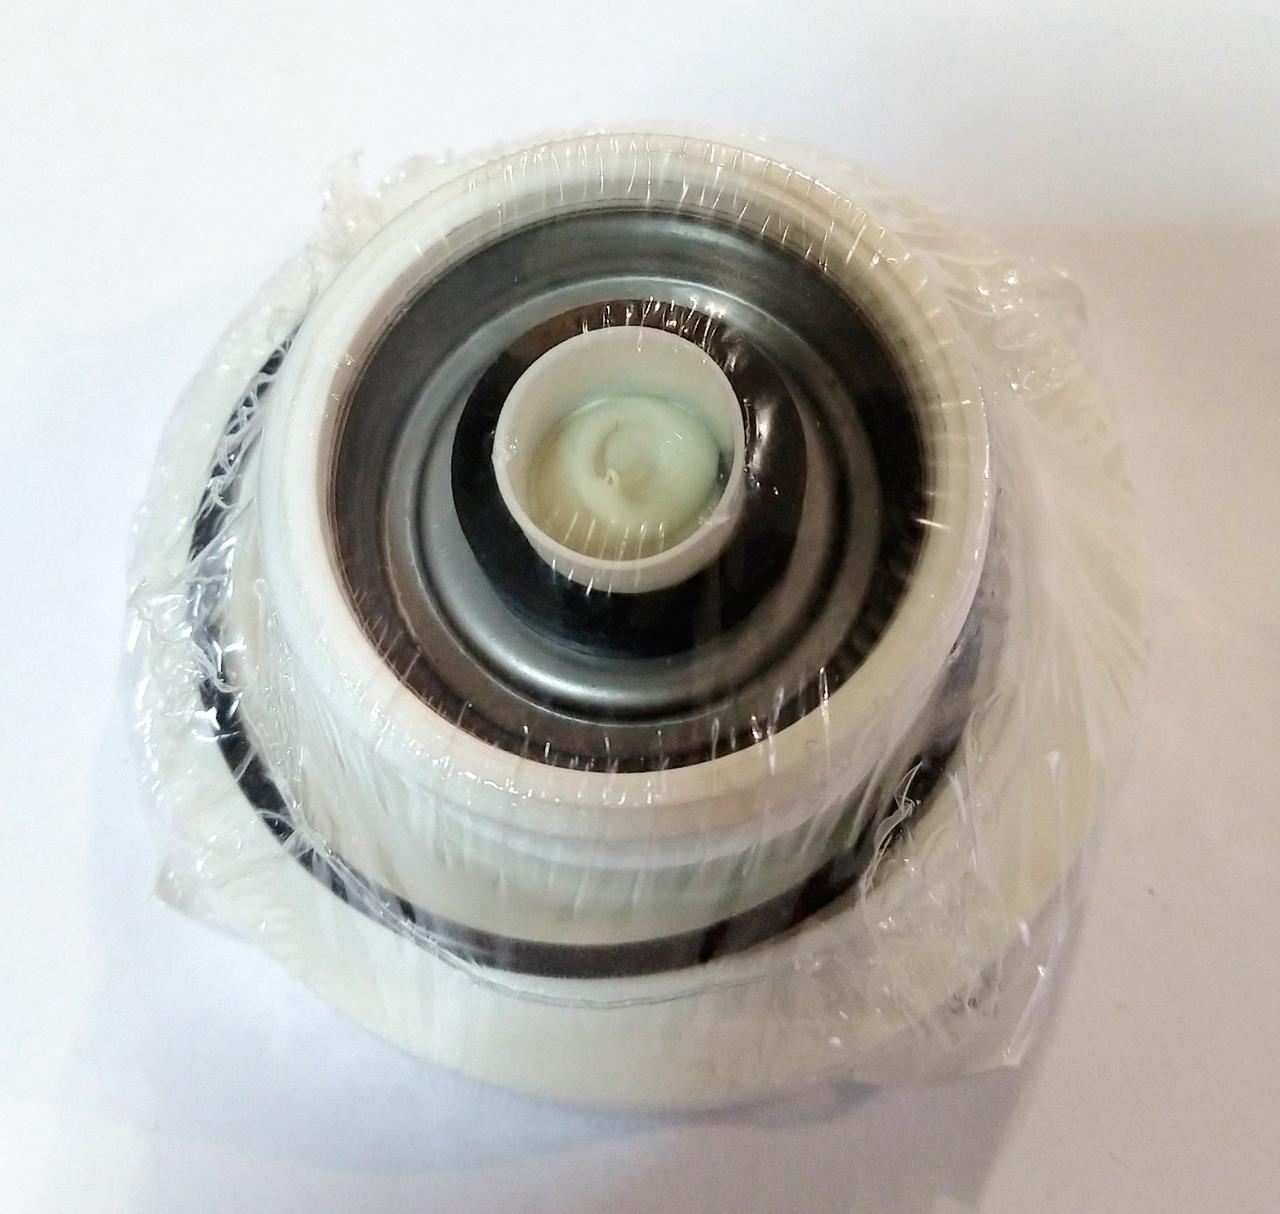 Блок подшипников Zanussi (Занусси) 099 для стиральной машины